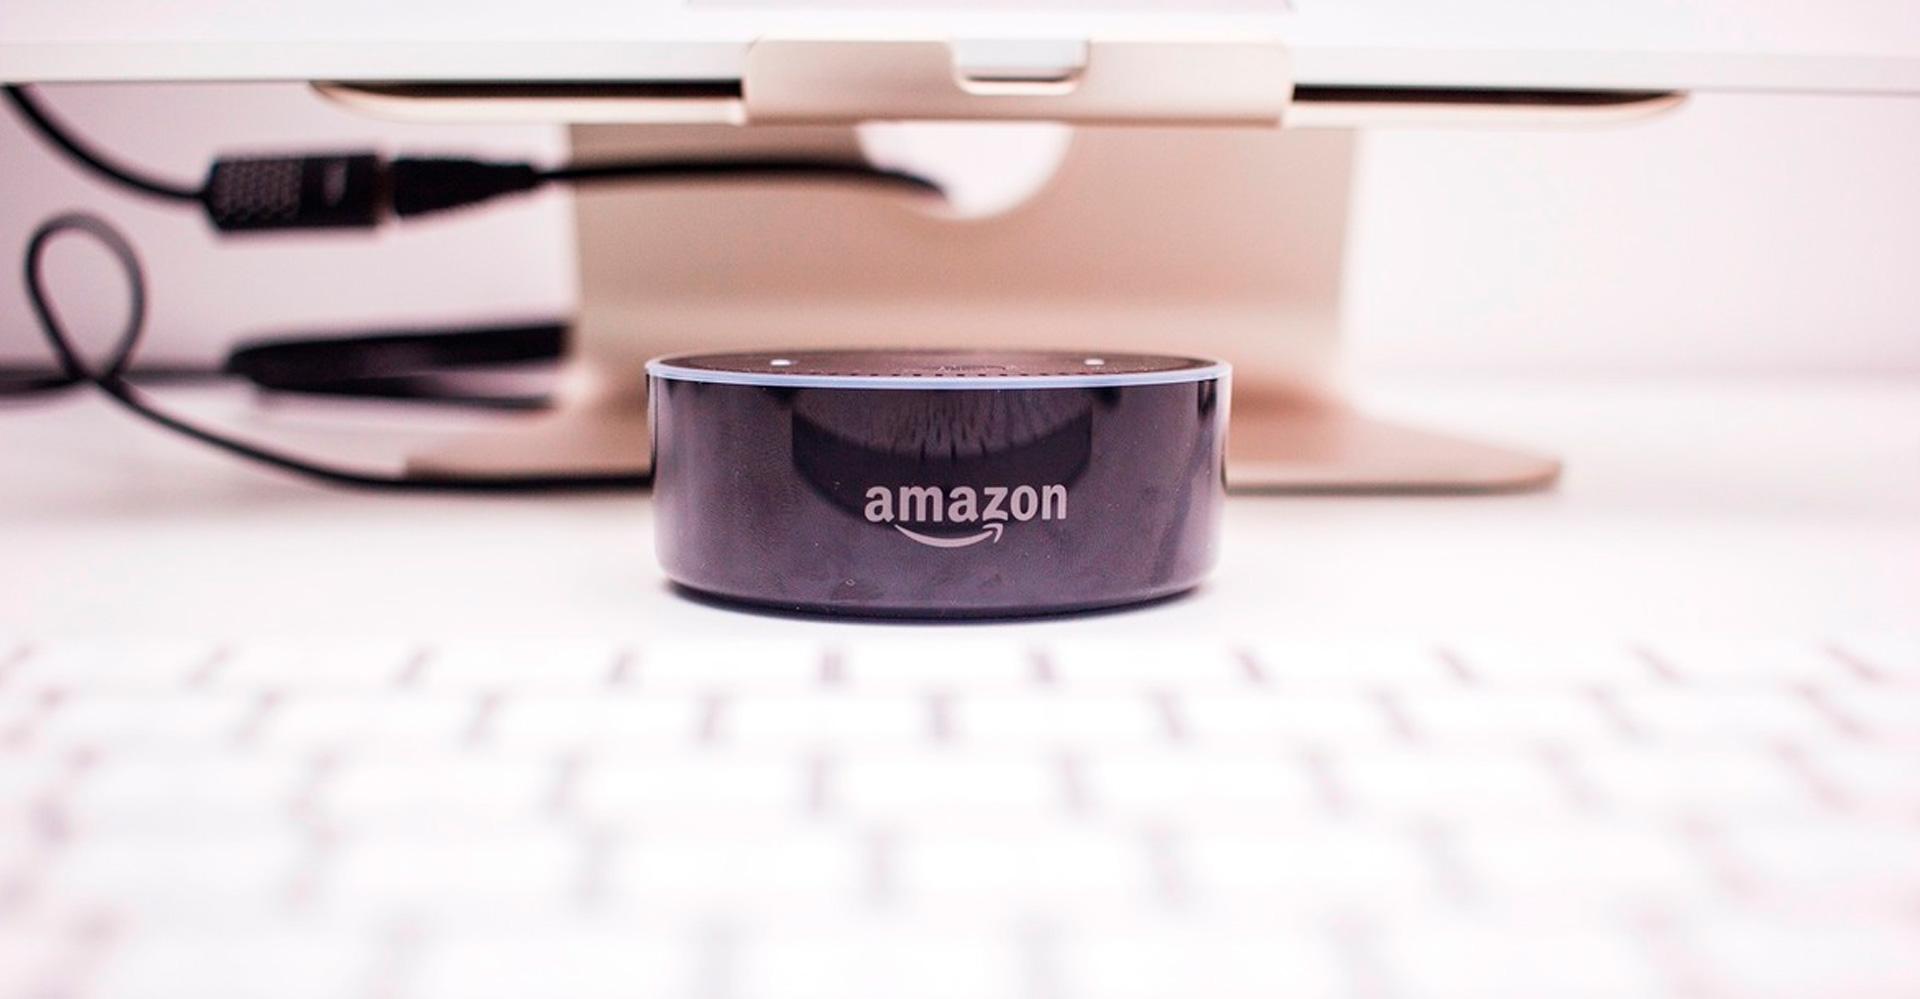 Американский ретейлер Amazon обогнал технологические компании Apple и Alphabet в списке брендов с самым высоким капиталом